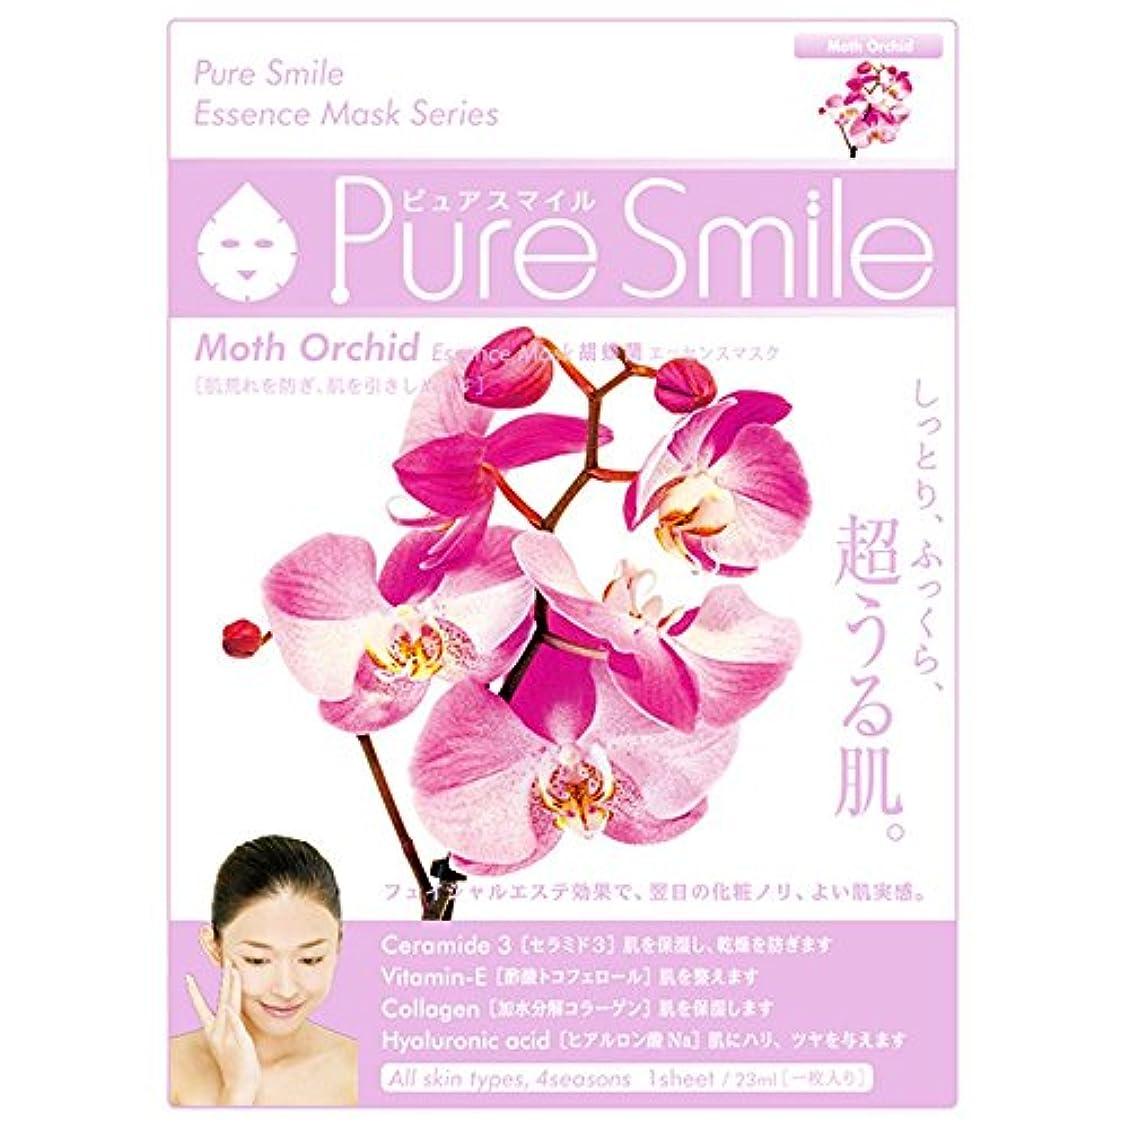 定期的に電化するラインPure Smile/ピュアスマイル エッセンス/フェイスマスク 『Moth Orchid/胡蝶蘭』